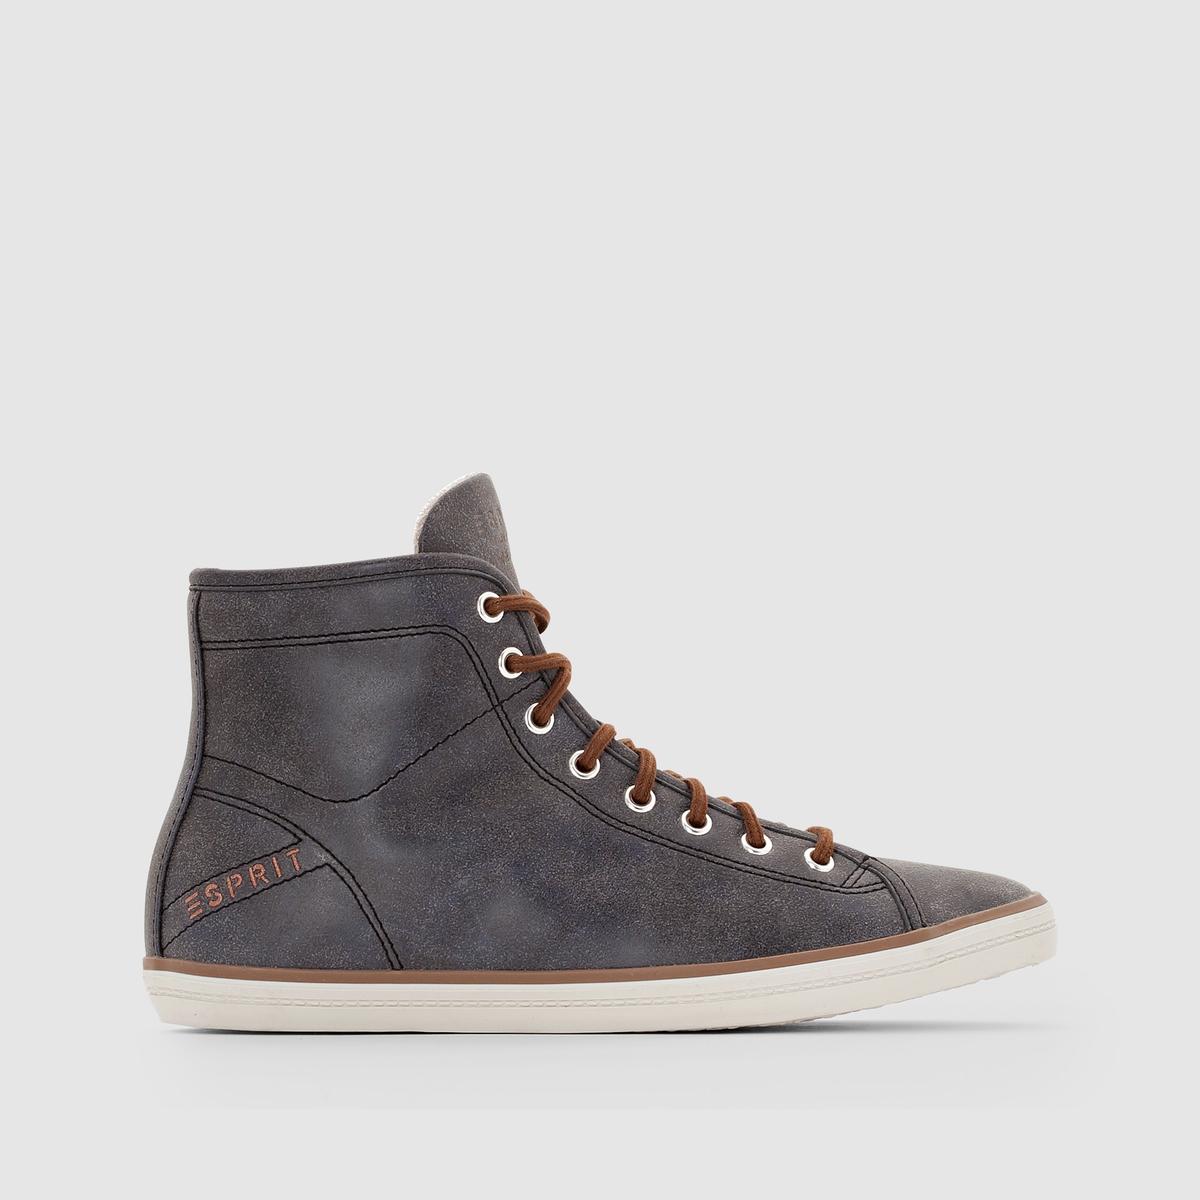 Кеды высокие ESPRIT MATILDA BOOTIEКрасивый современный и усовершенствованный дизайн, с контрастными вставками и шнуровкой, с практичной и стильной застежкой на молнию: кеды-сникерсы, которые созданы для города!<br><br>Цвет: темно-синий<br>Размер: 40